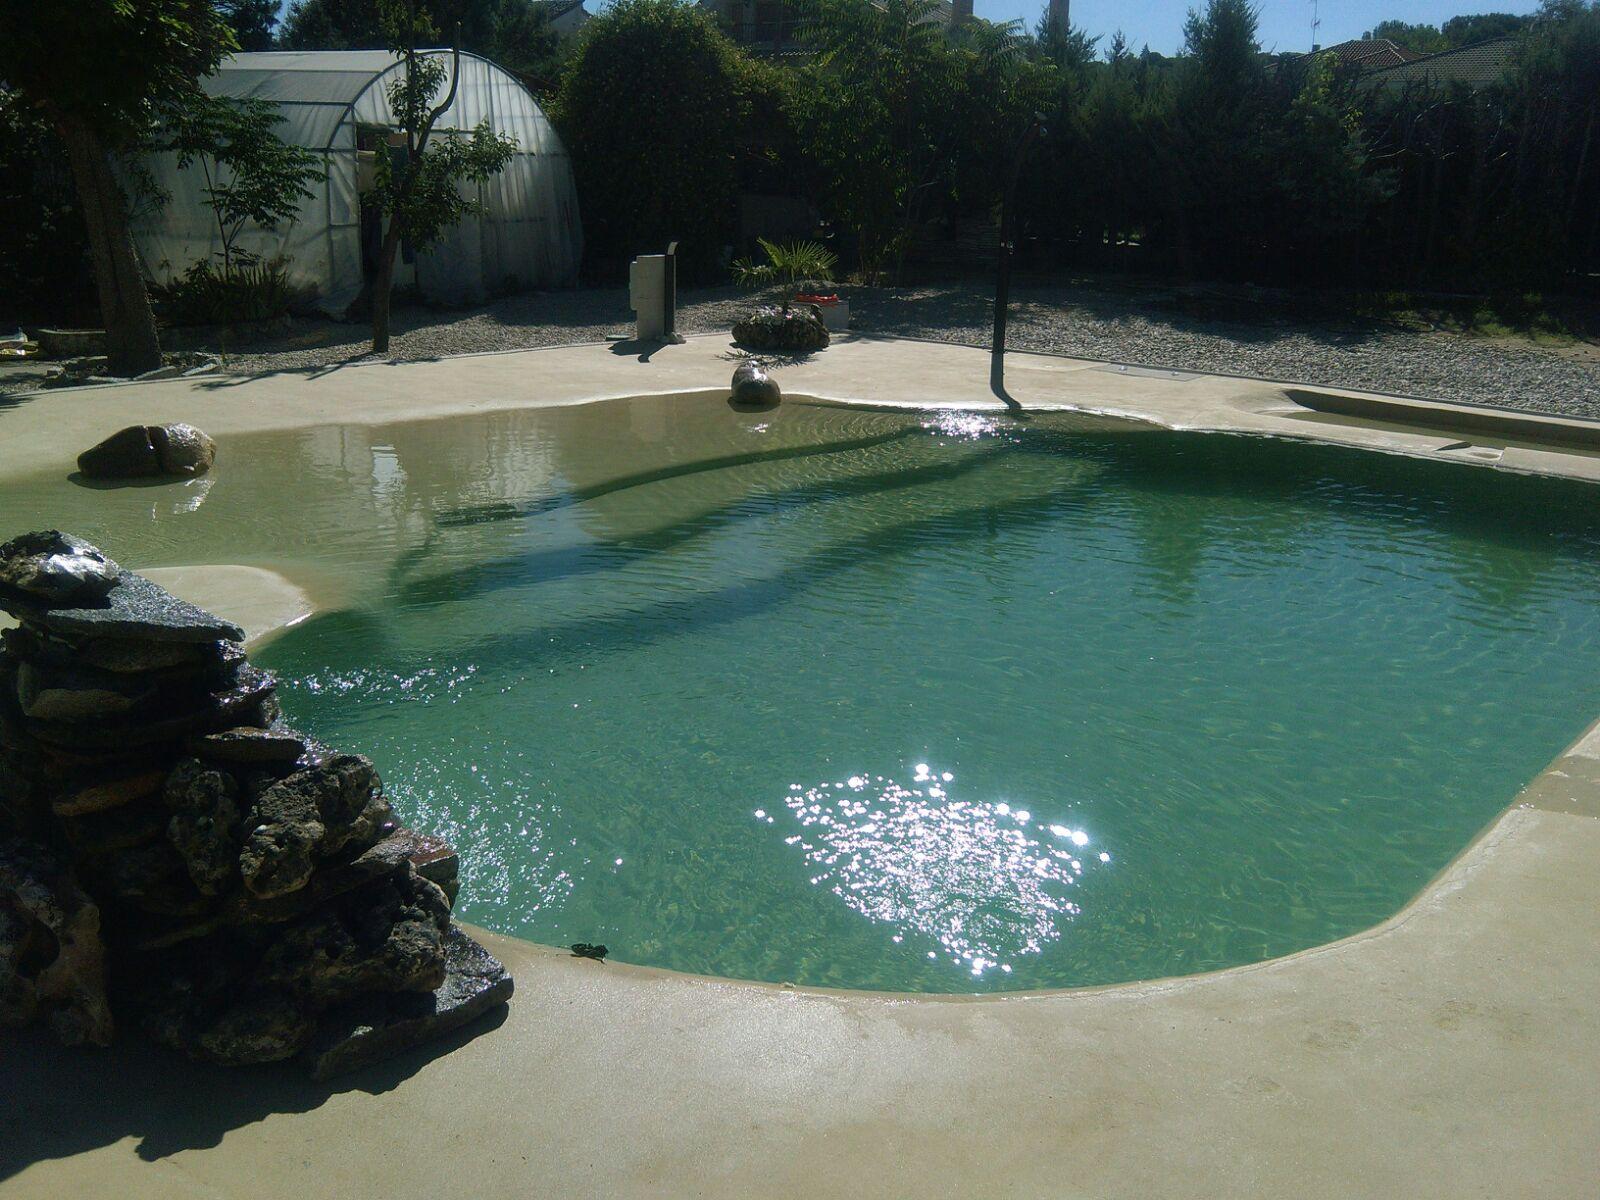 Piscina de arena finest ms informacin with piscina de - Piscina de arena ...